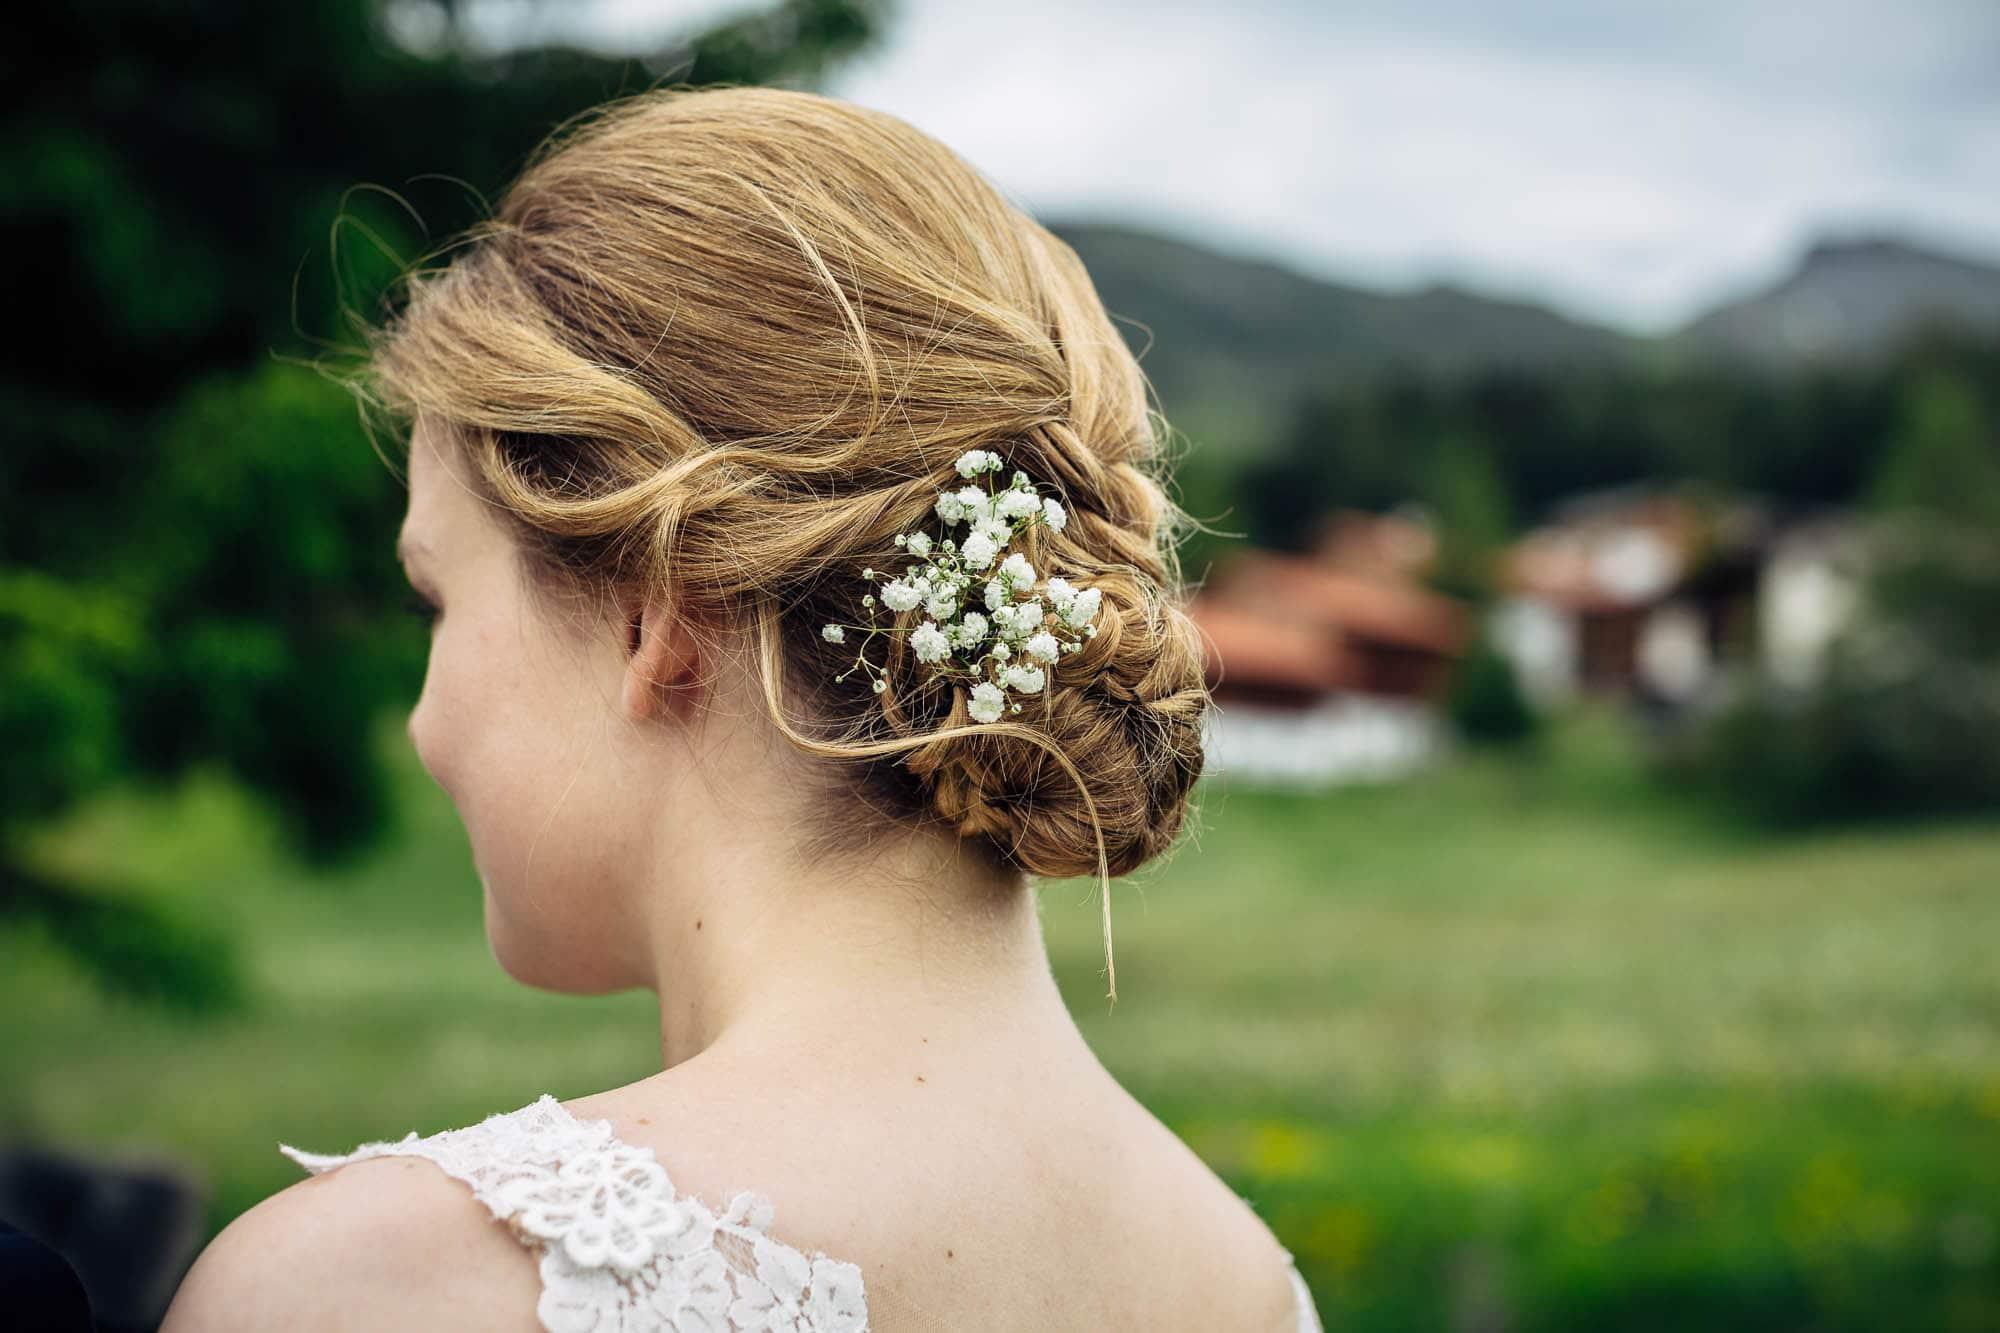 Blumendetails in der Brautfrisur